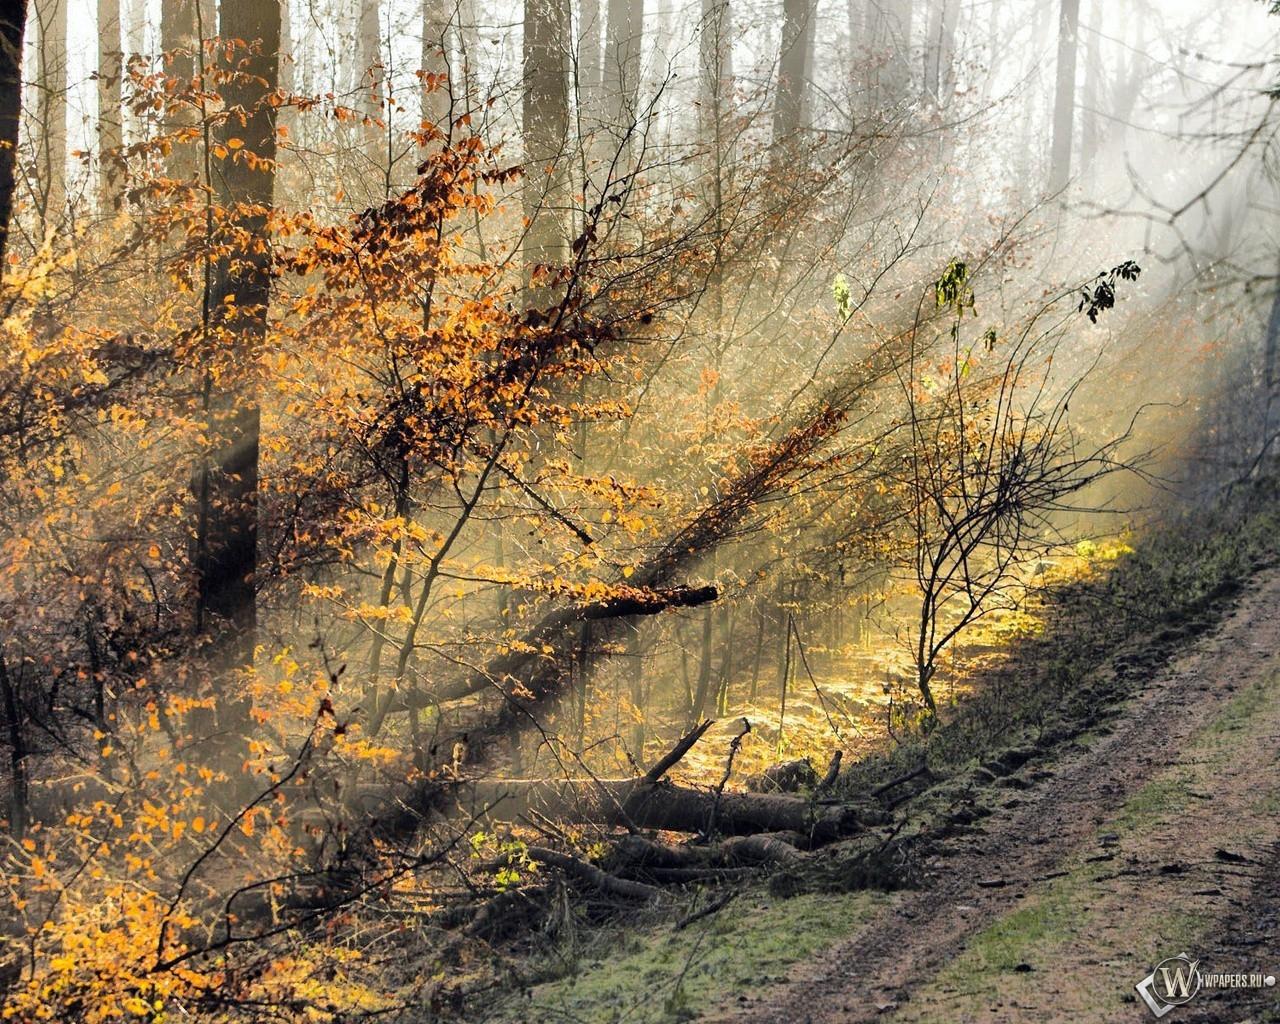 Осень в солнечном свете 1280x1024